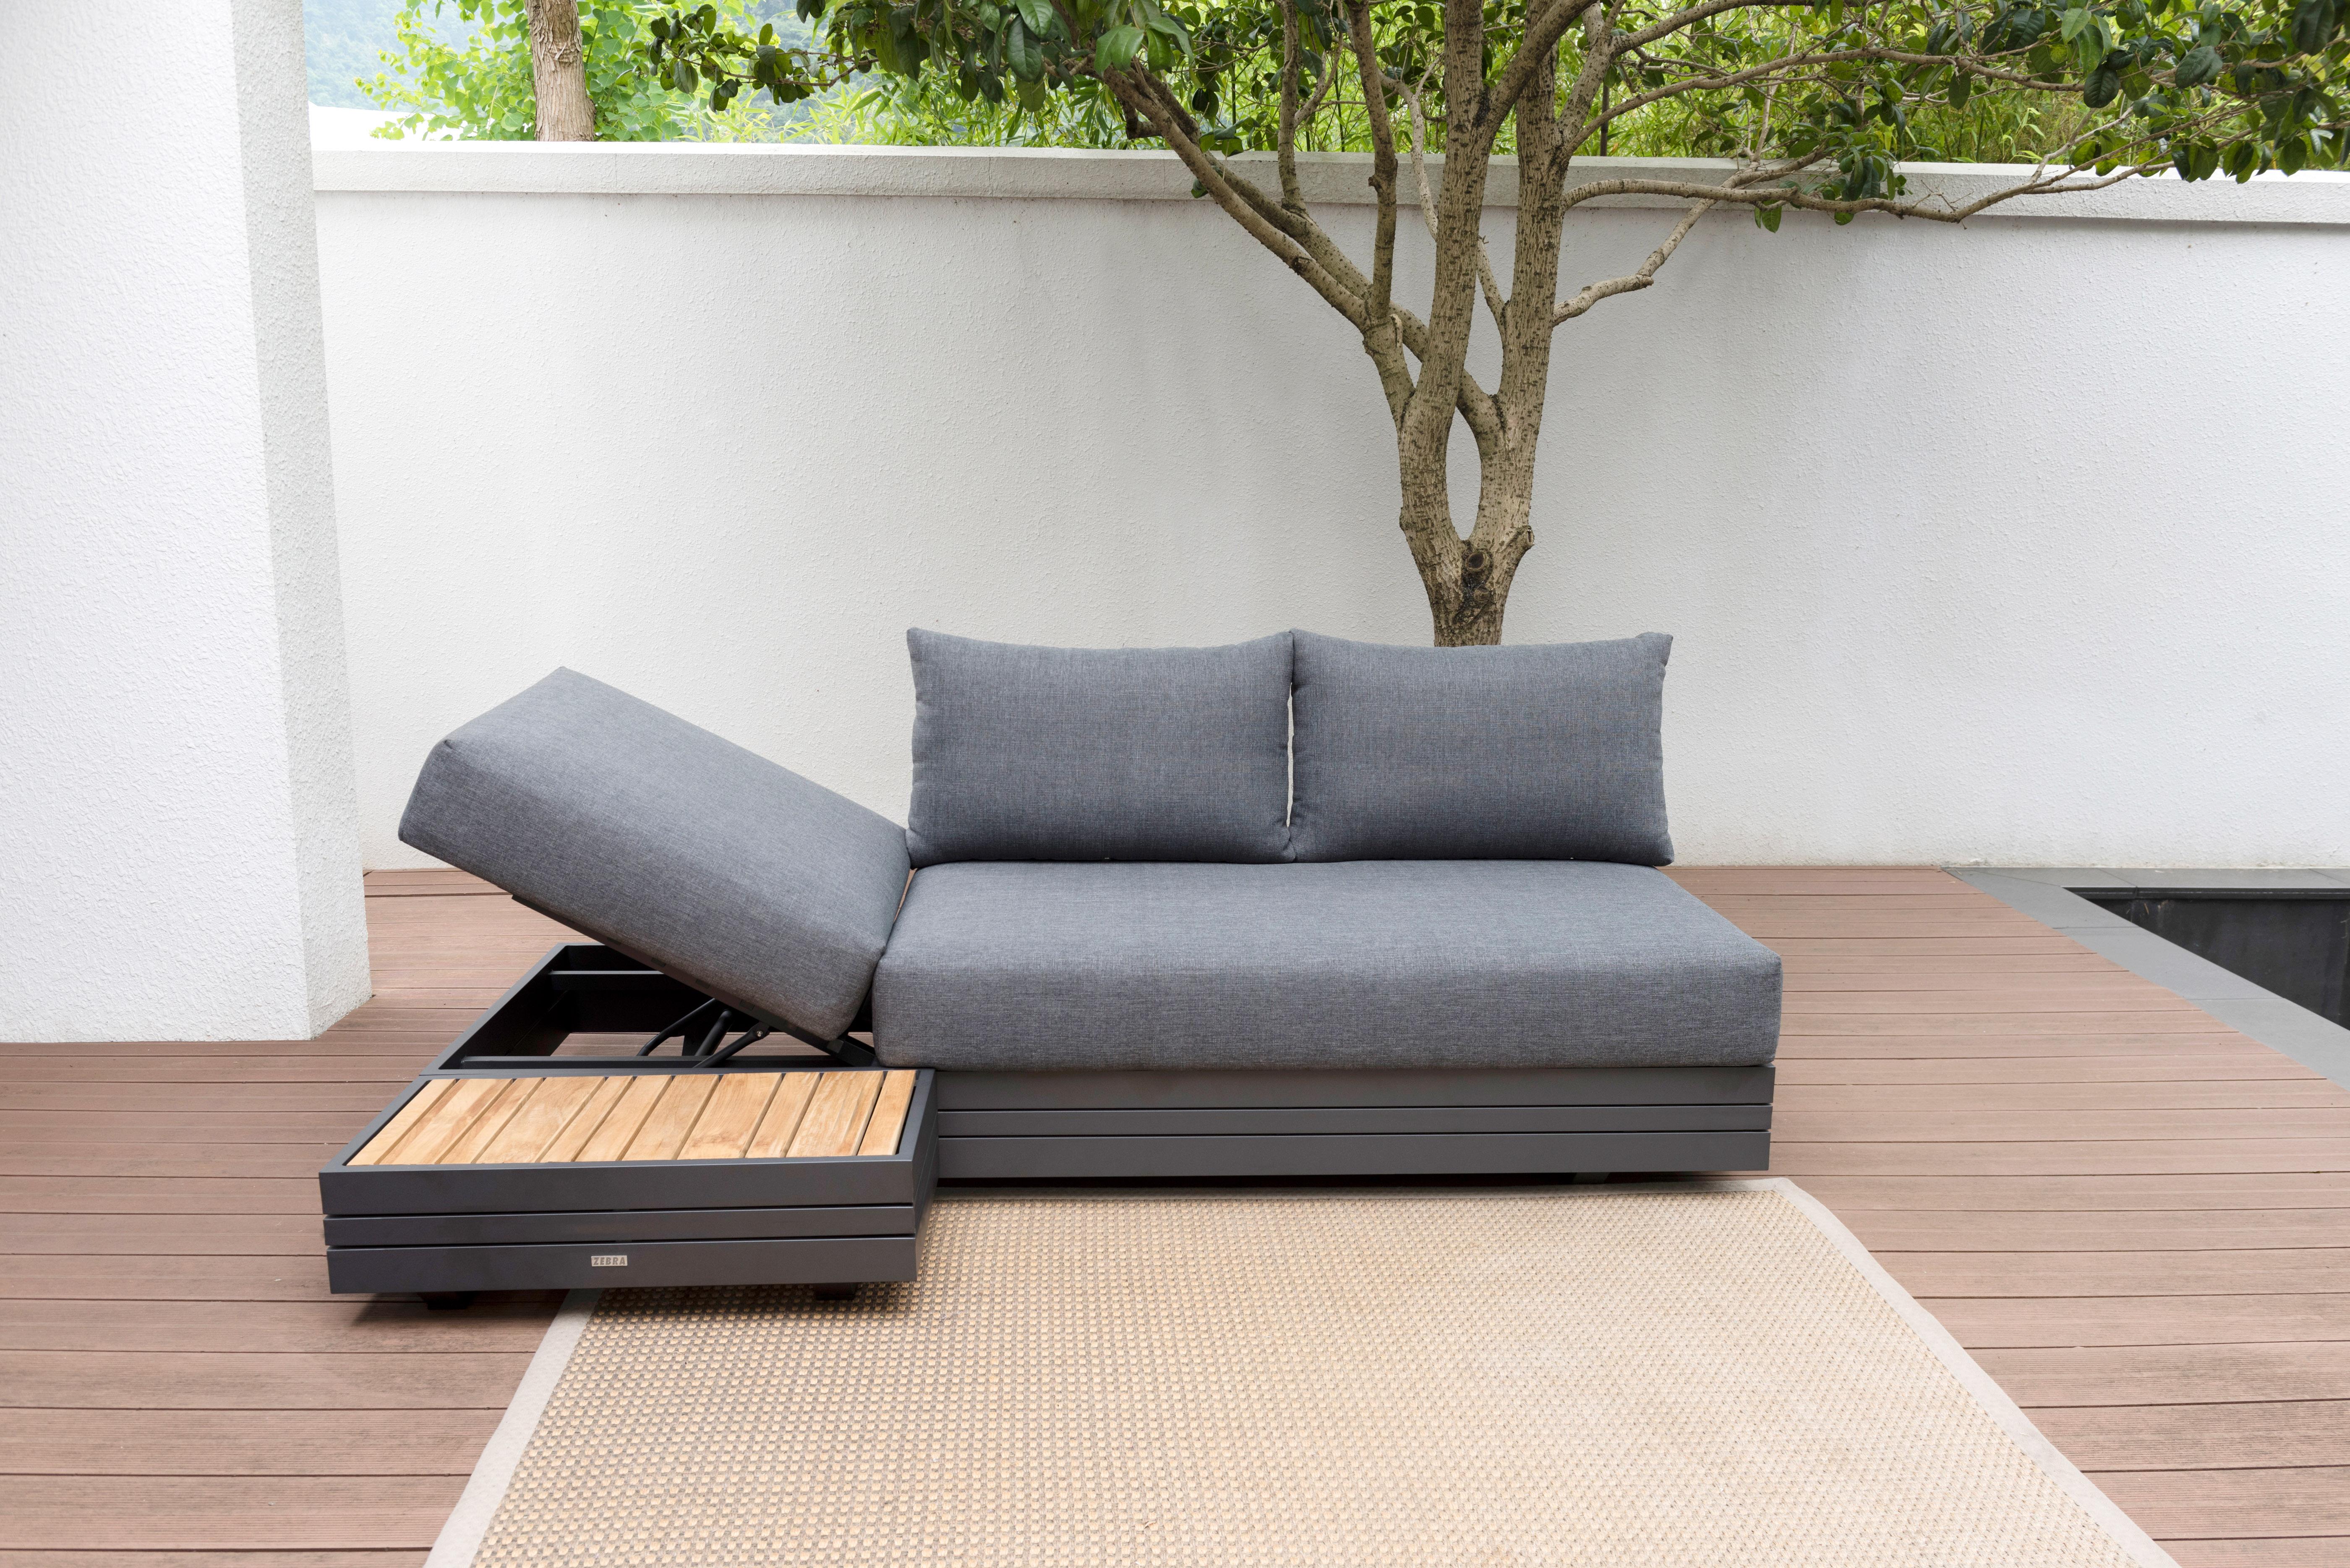 Zebra Gartenmöbel-Set Cubo Lounge-2